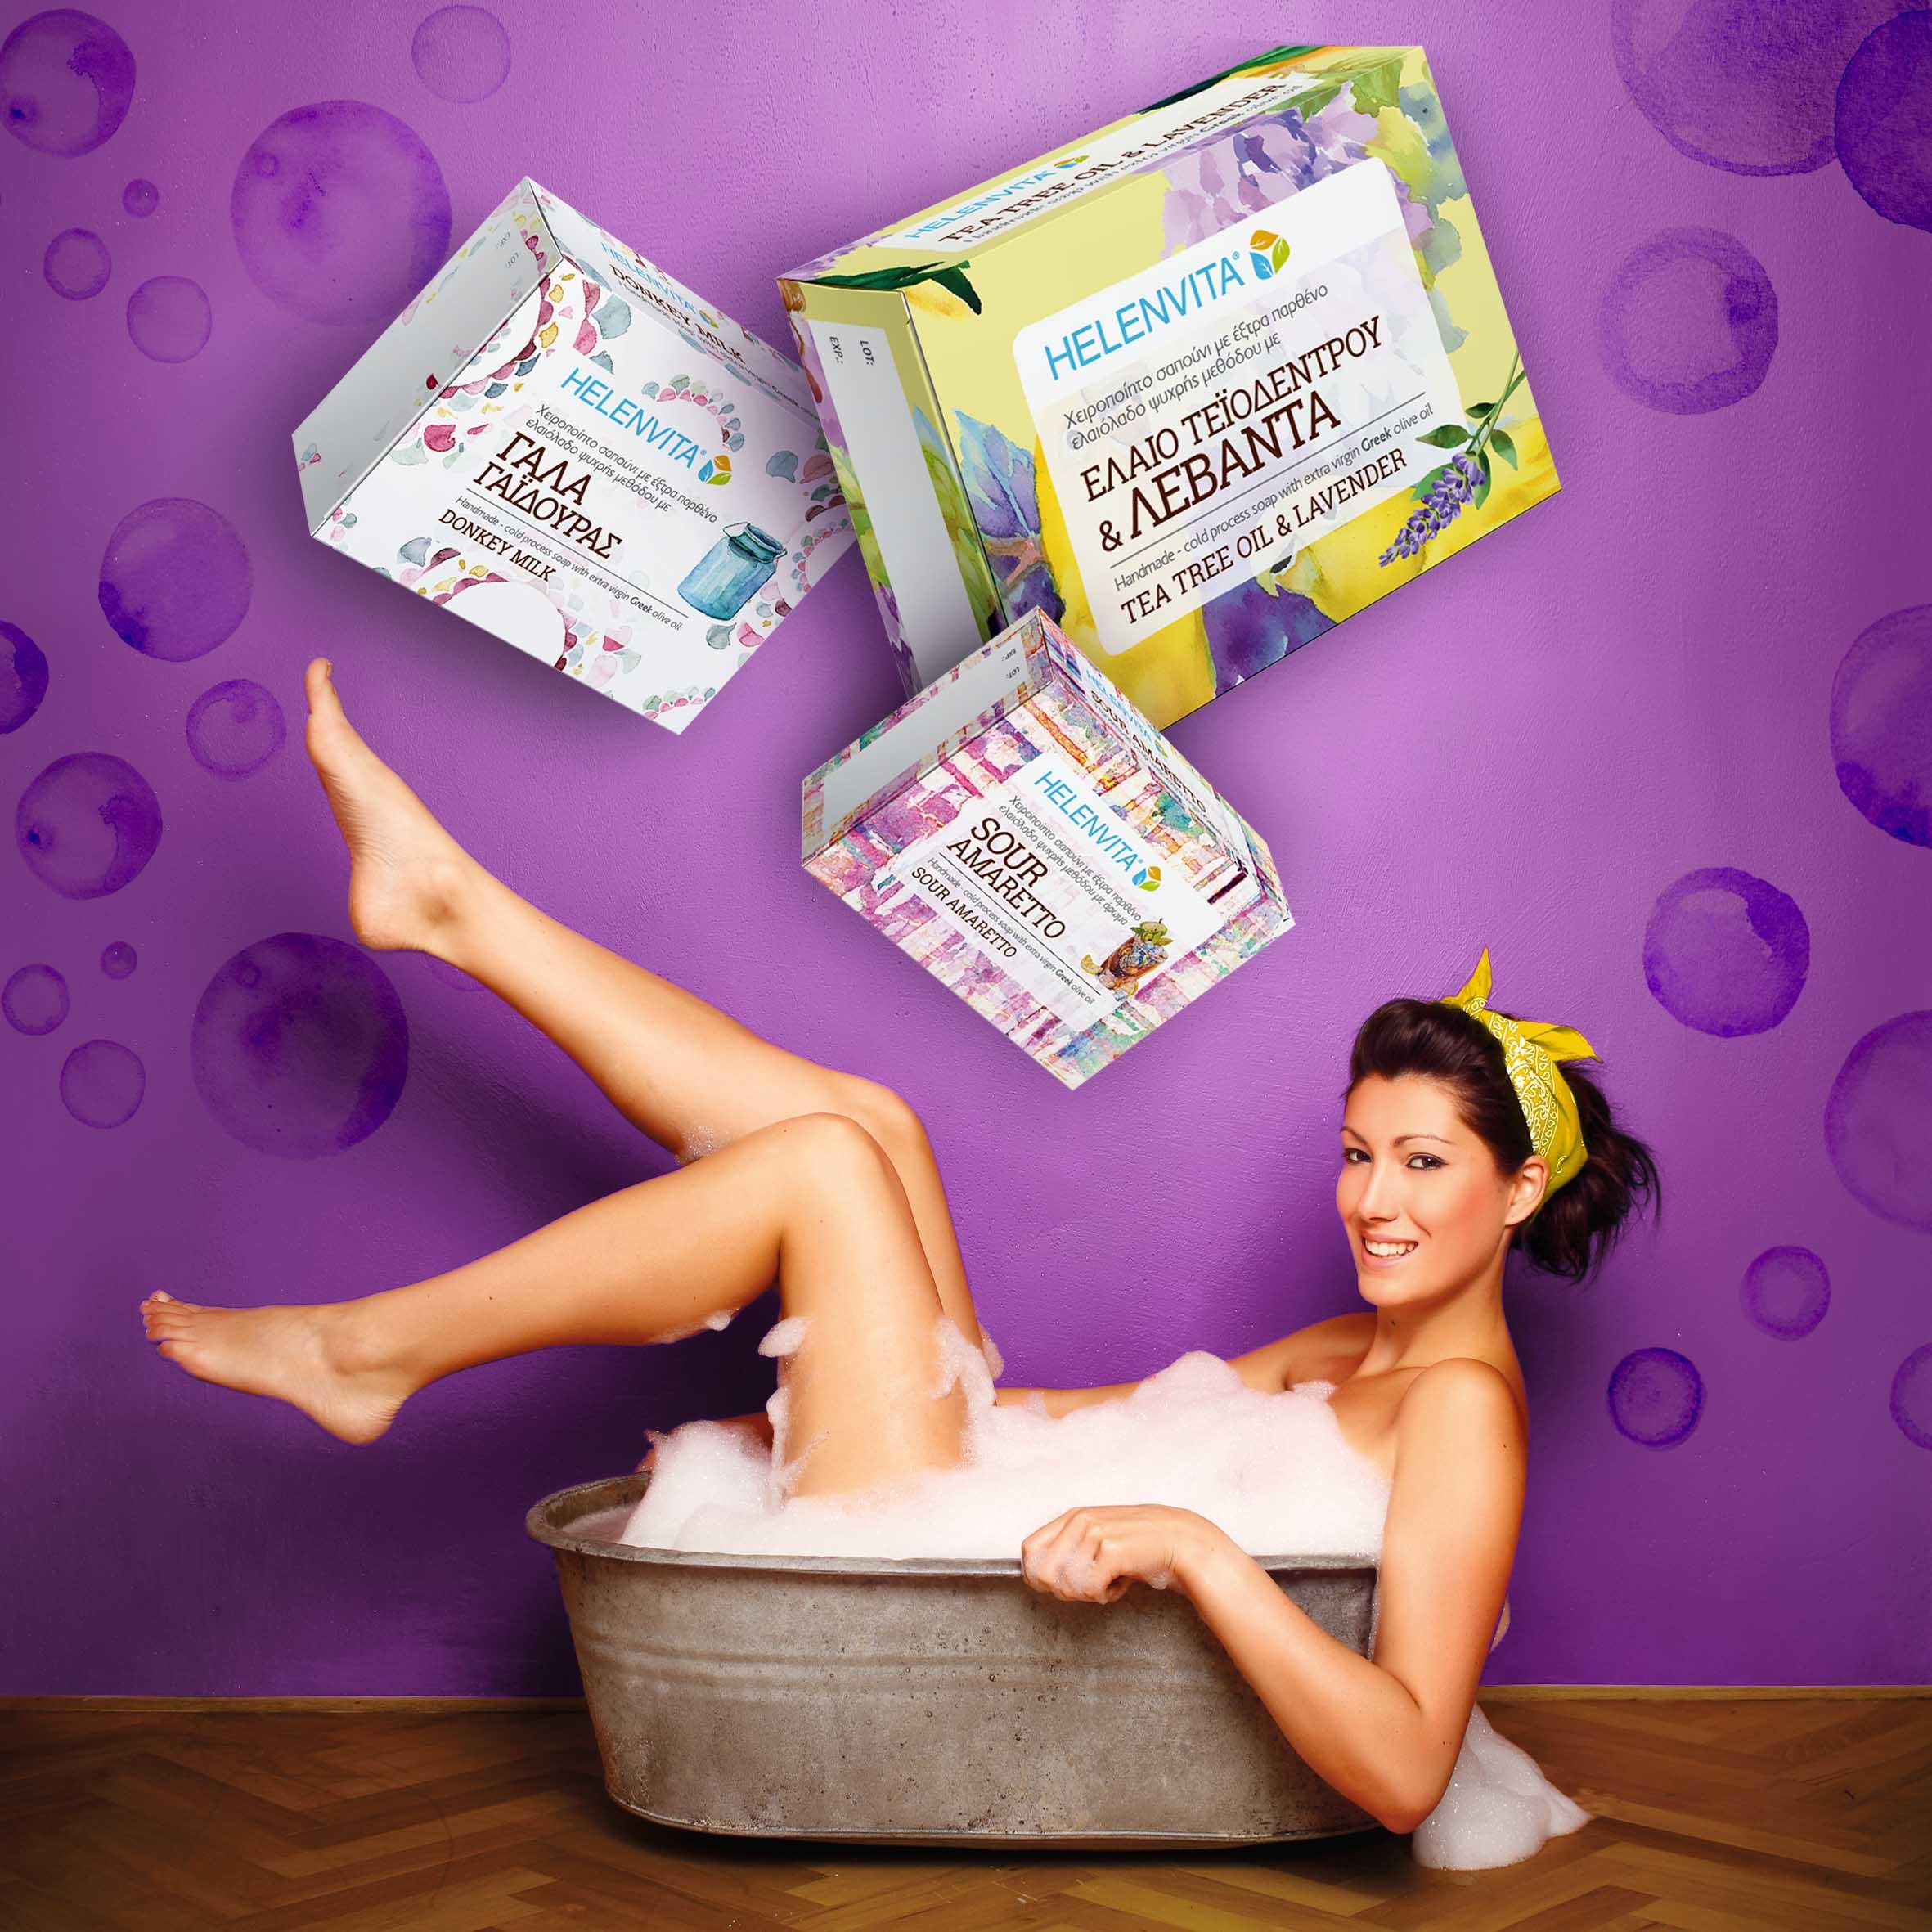 HELENVITA_SOAP BARS